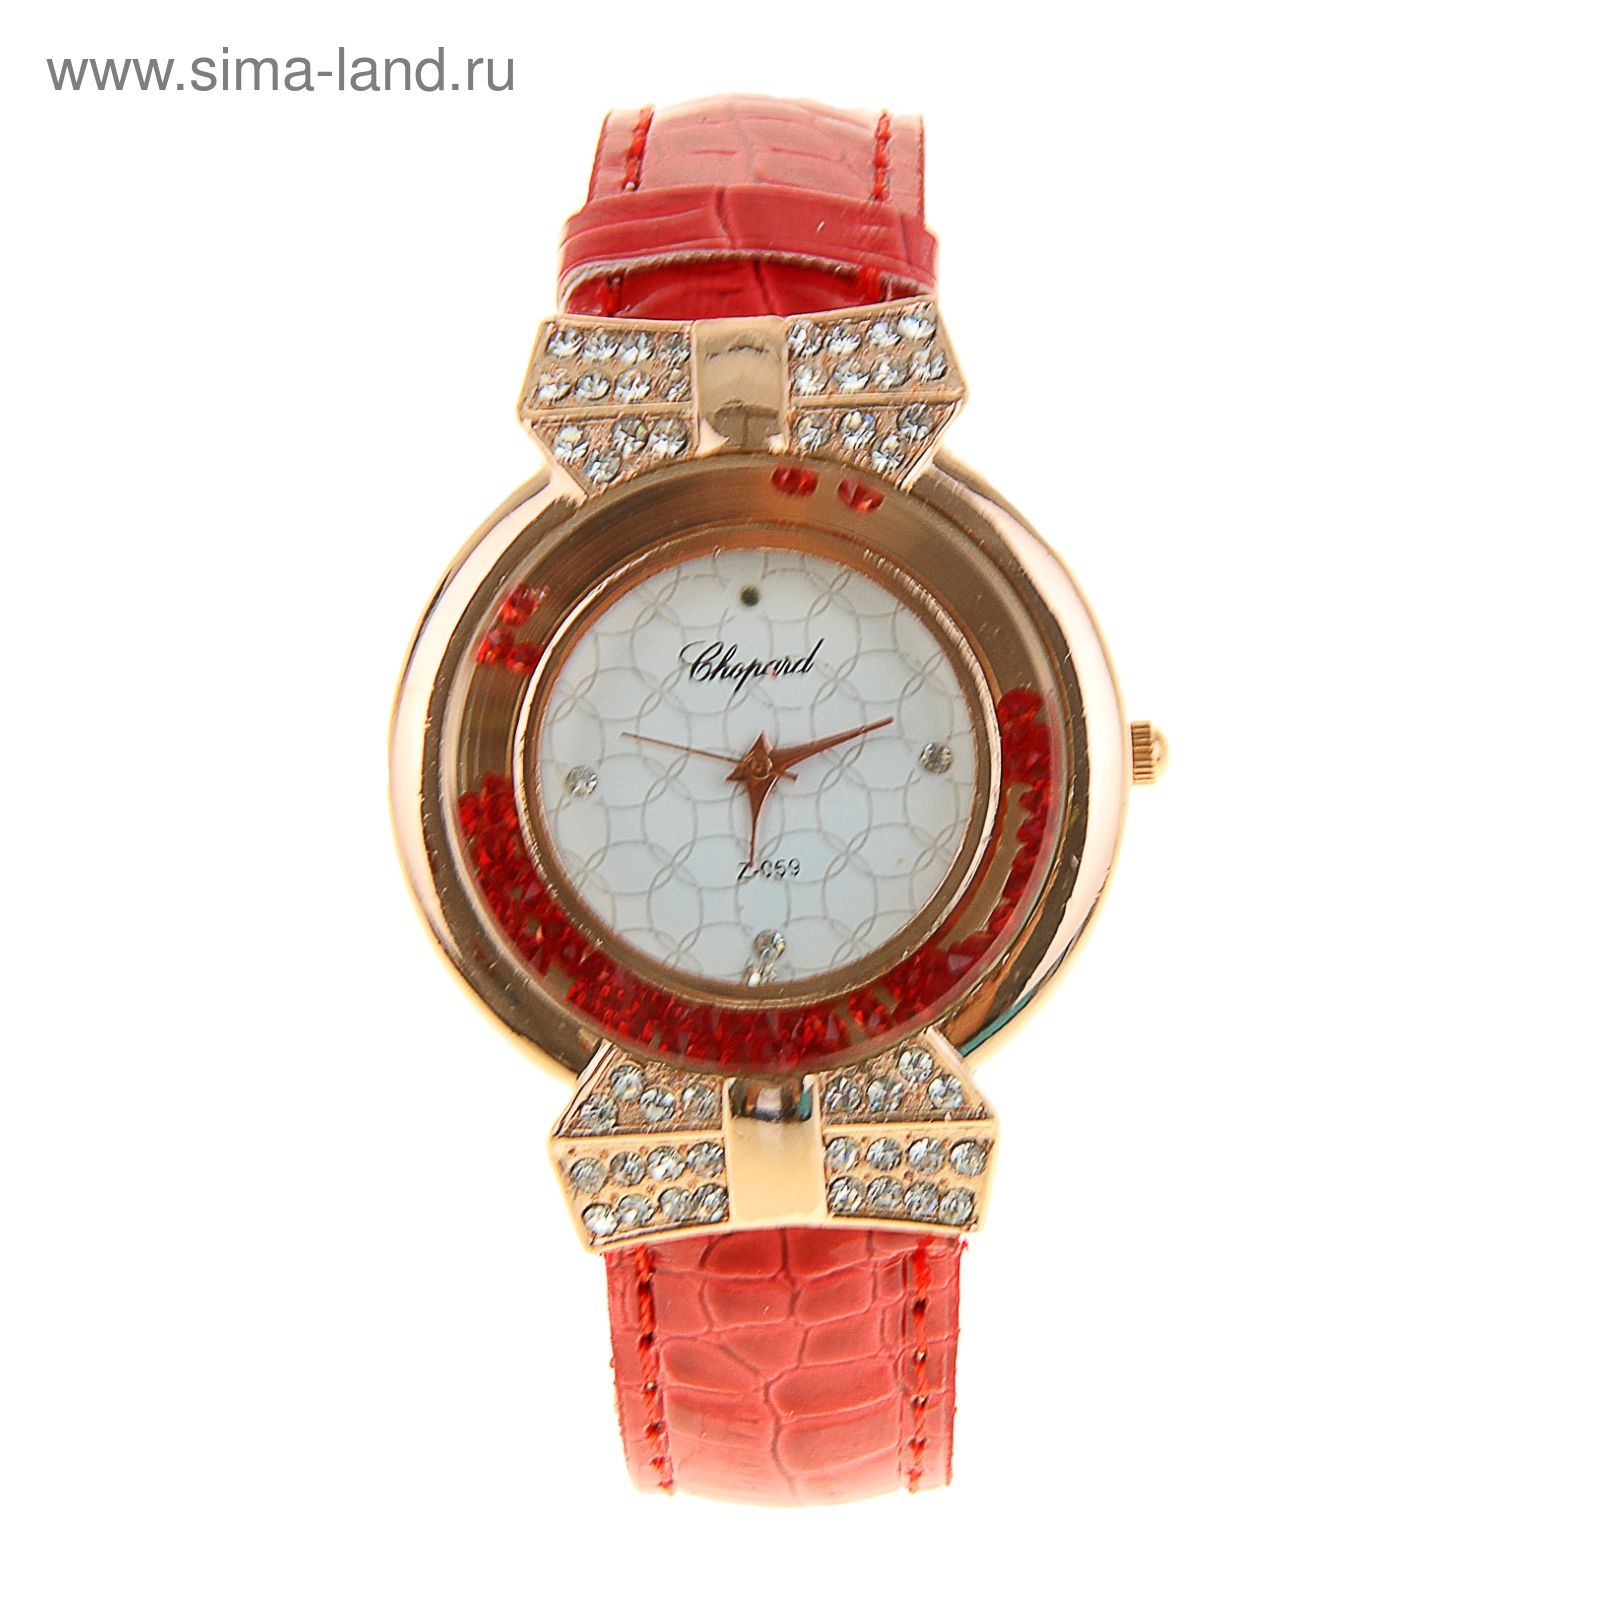 d8c9115c Часы наручные женские Chopard красный ремешок, красные и белые стразы